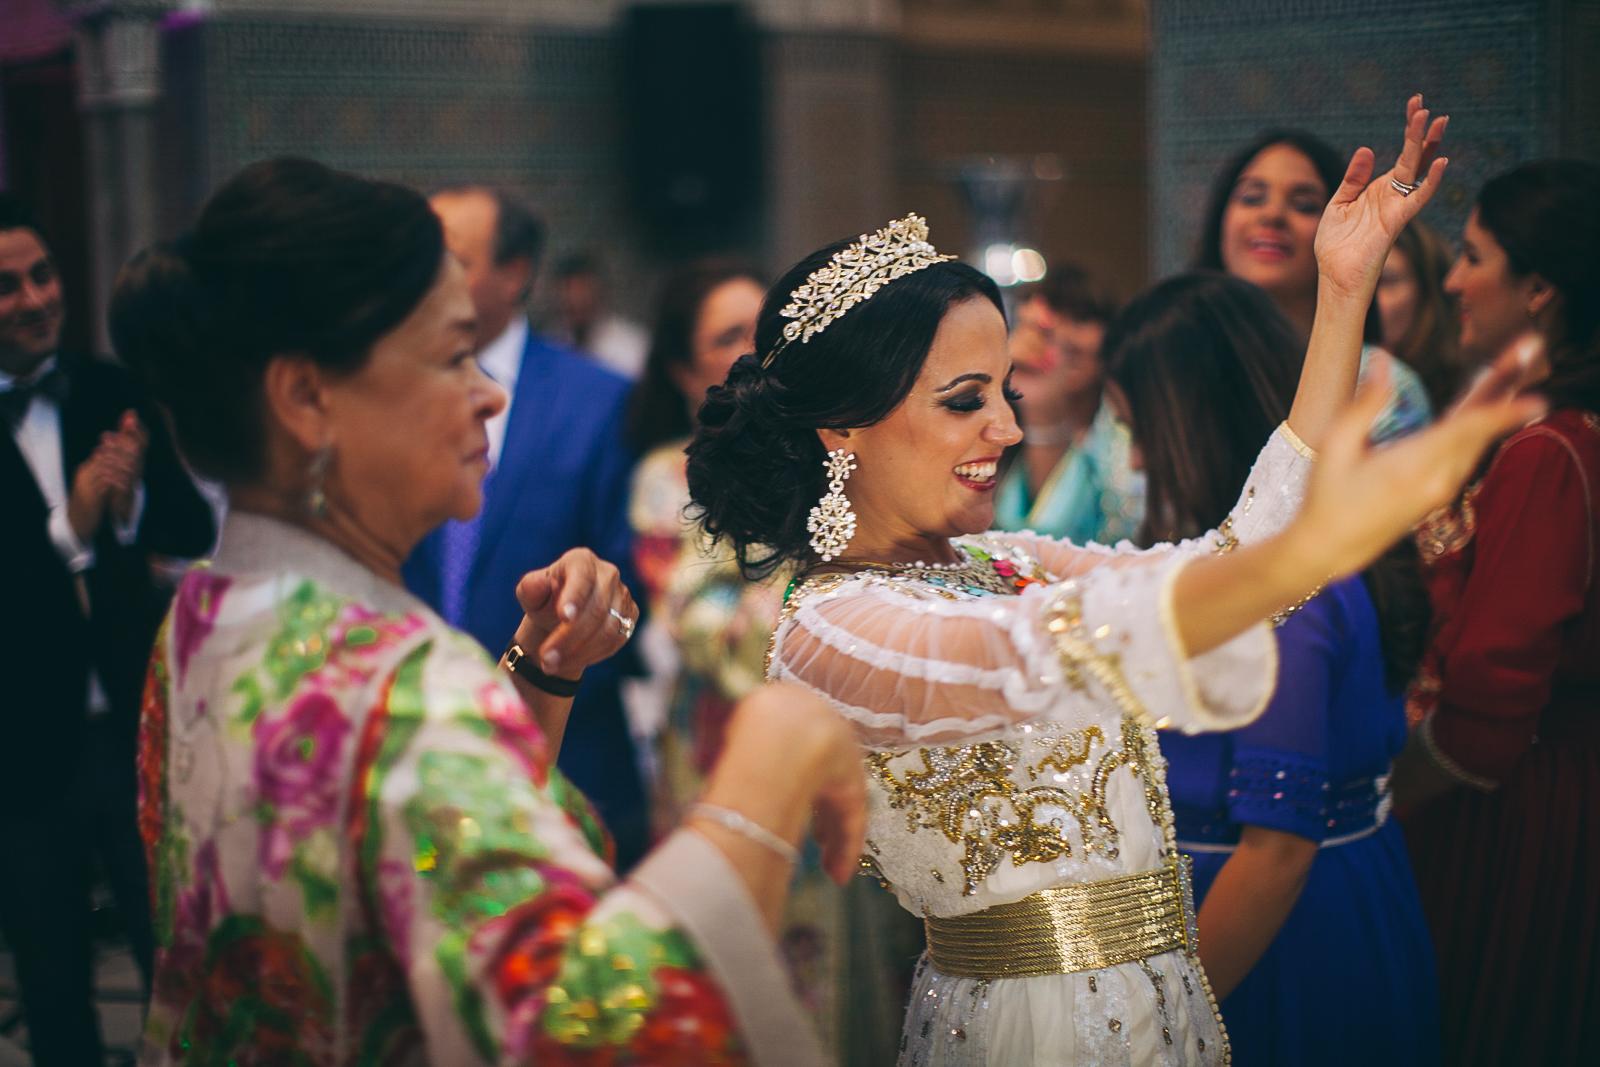 traditional_moroccan_wedding_photographry_casablanca_morocco_houda_vivek_ebony_siovhan_bokeh_photography_155.jpg